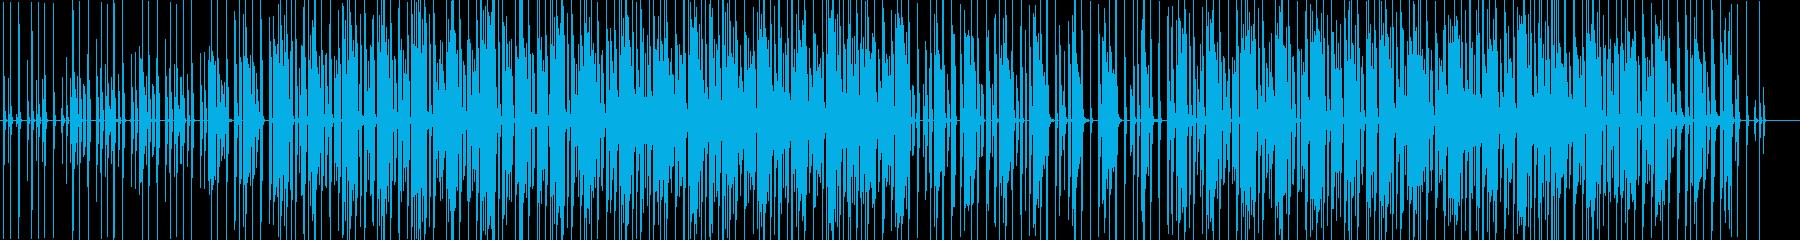 動画-ナチュラルでお洒落-BGM-木陰の再生済みの波形